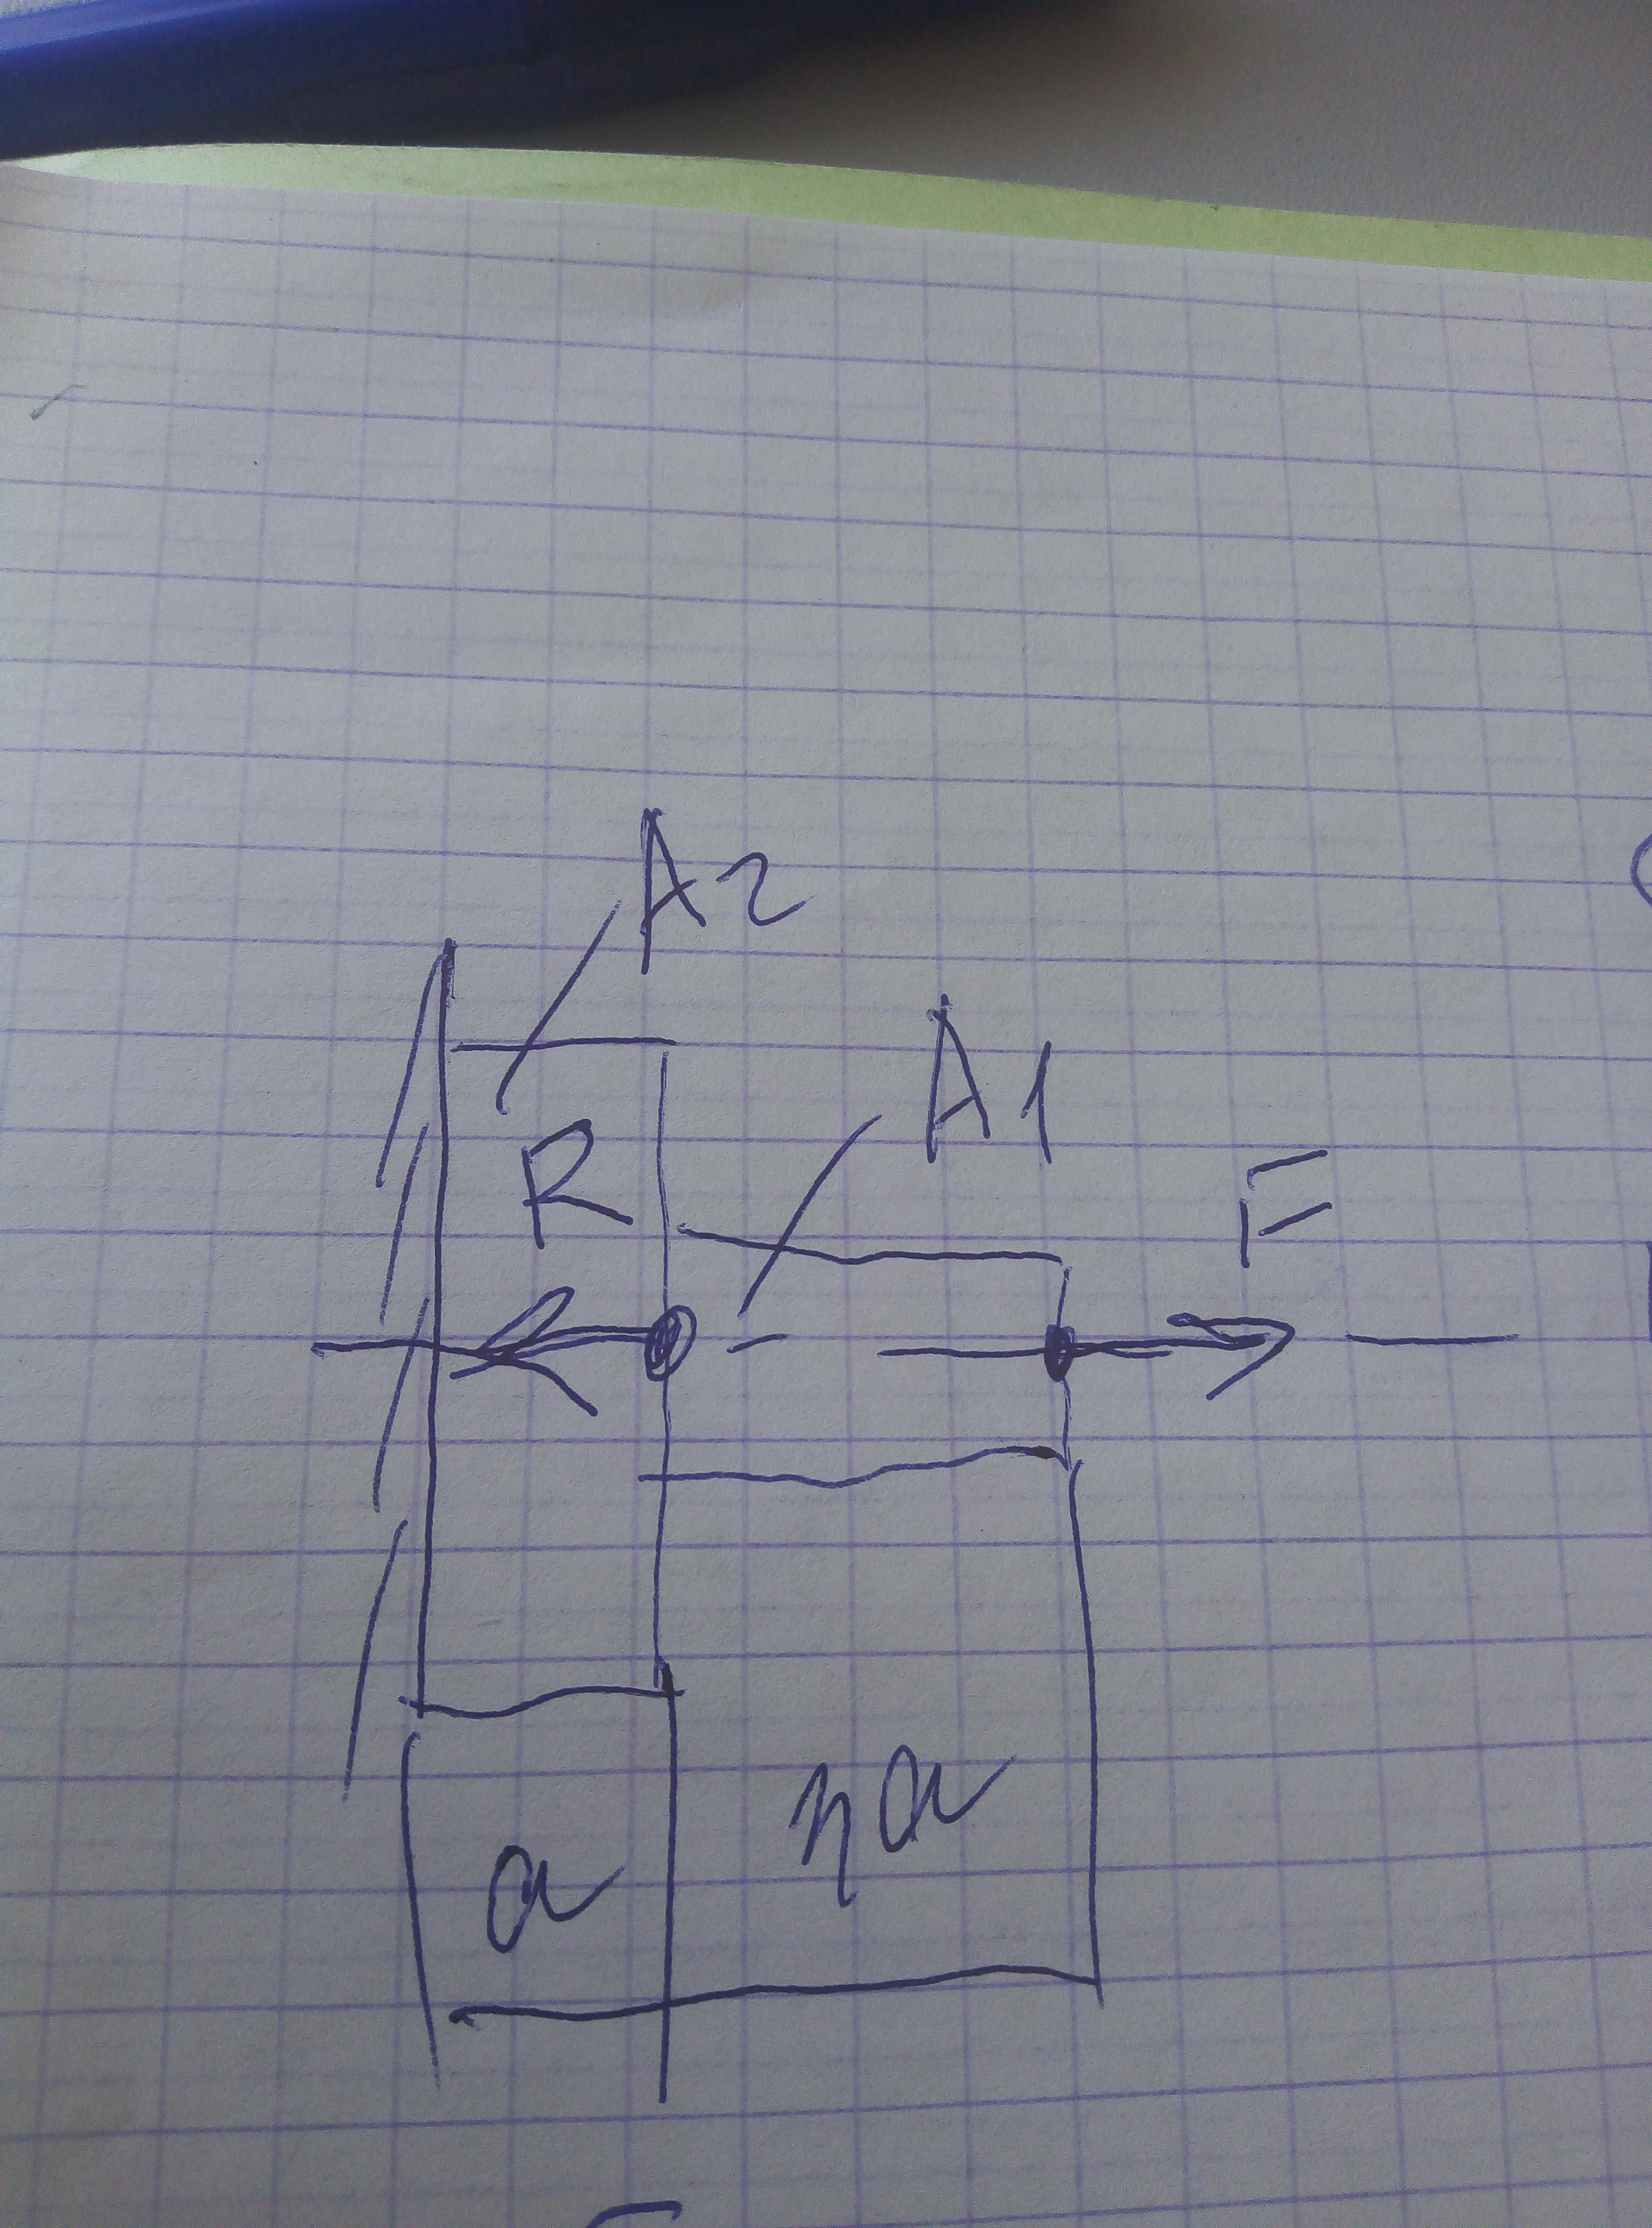 Техническая механика. Прошу помощи в решении, по